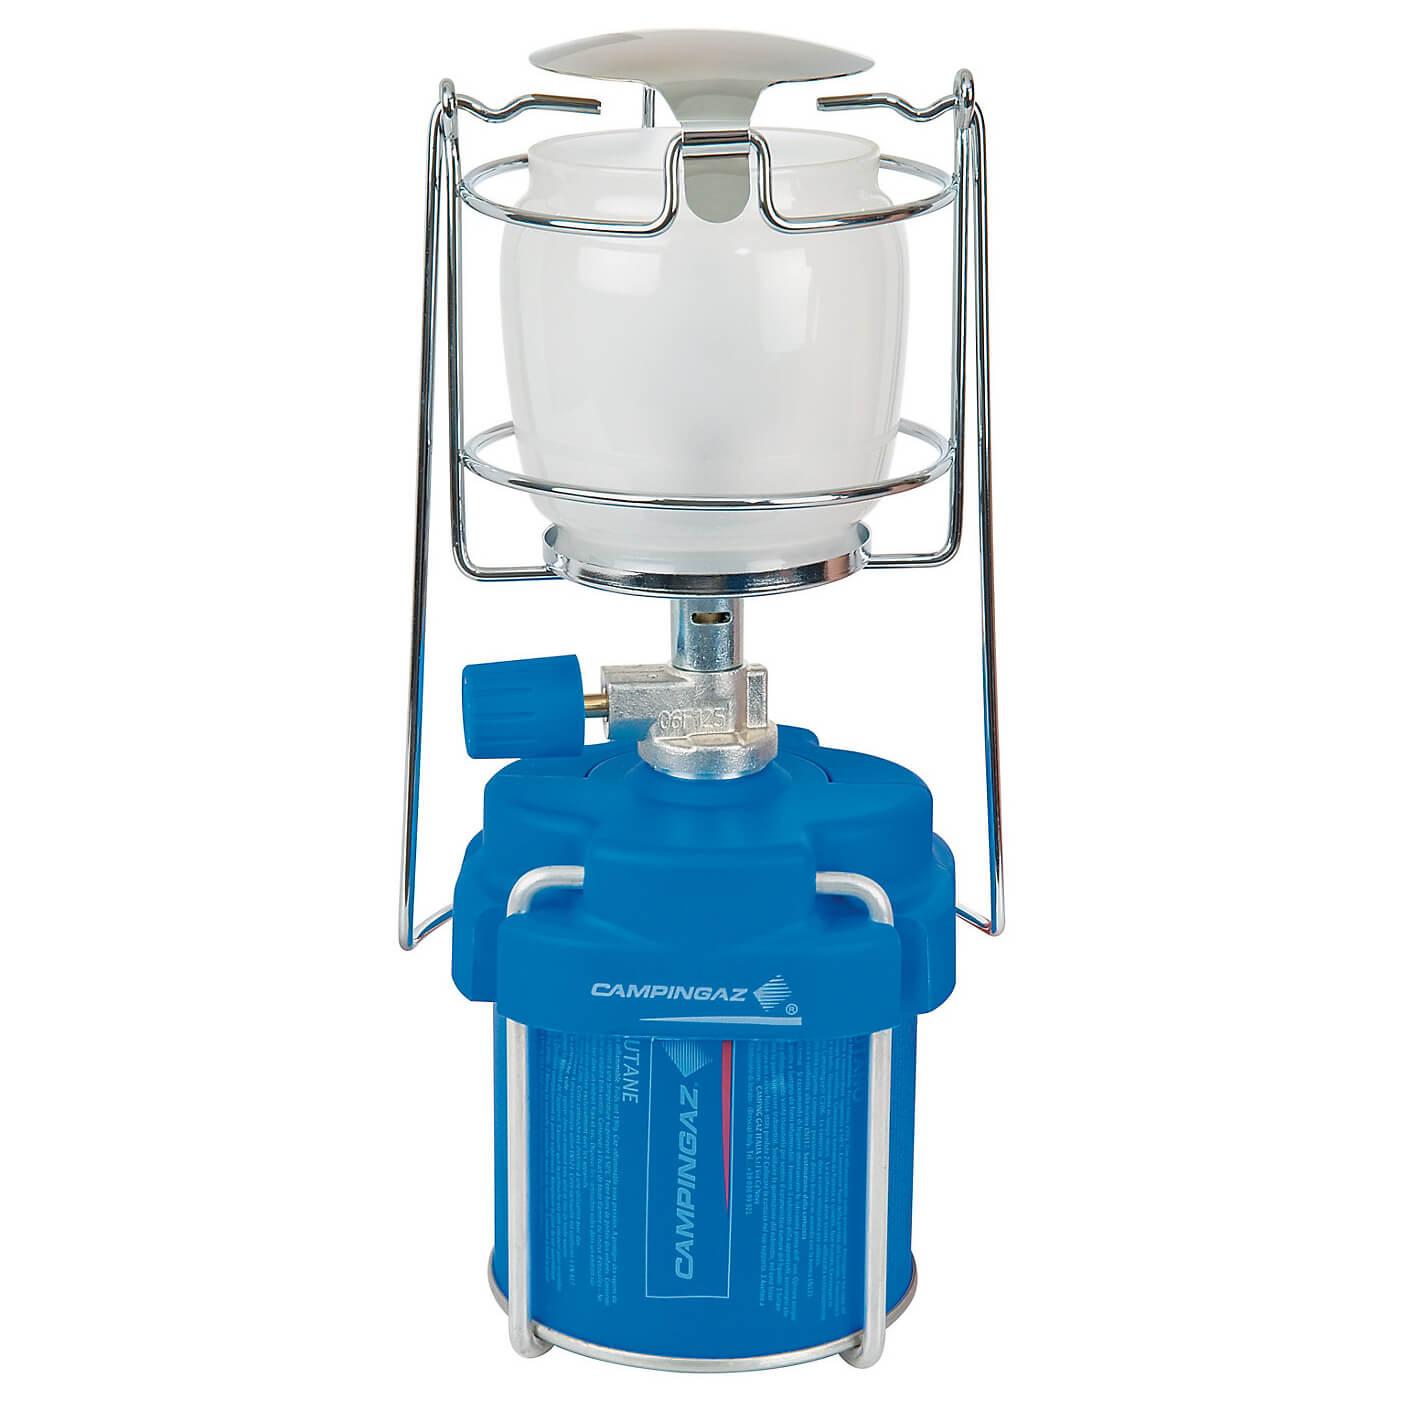 Campingaz Lumo 206 - Gas Lantern | Buy online | Alpinetrek.co.uk